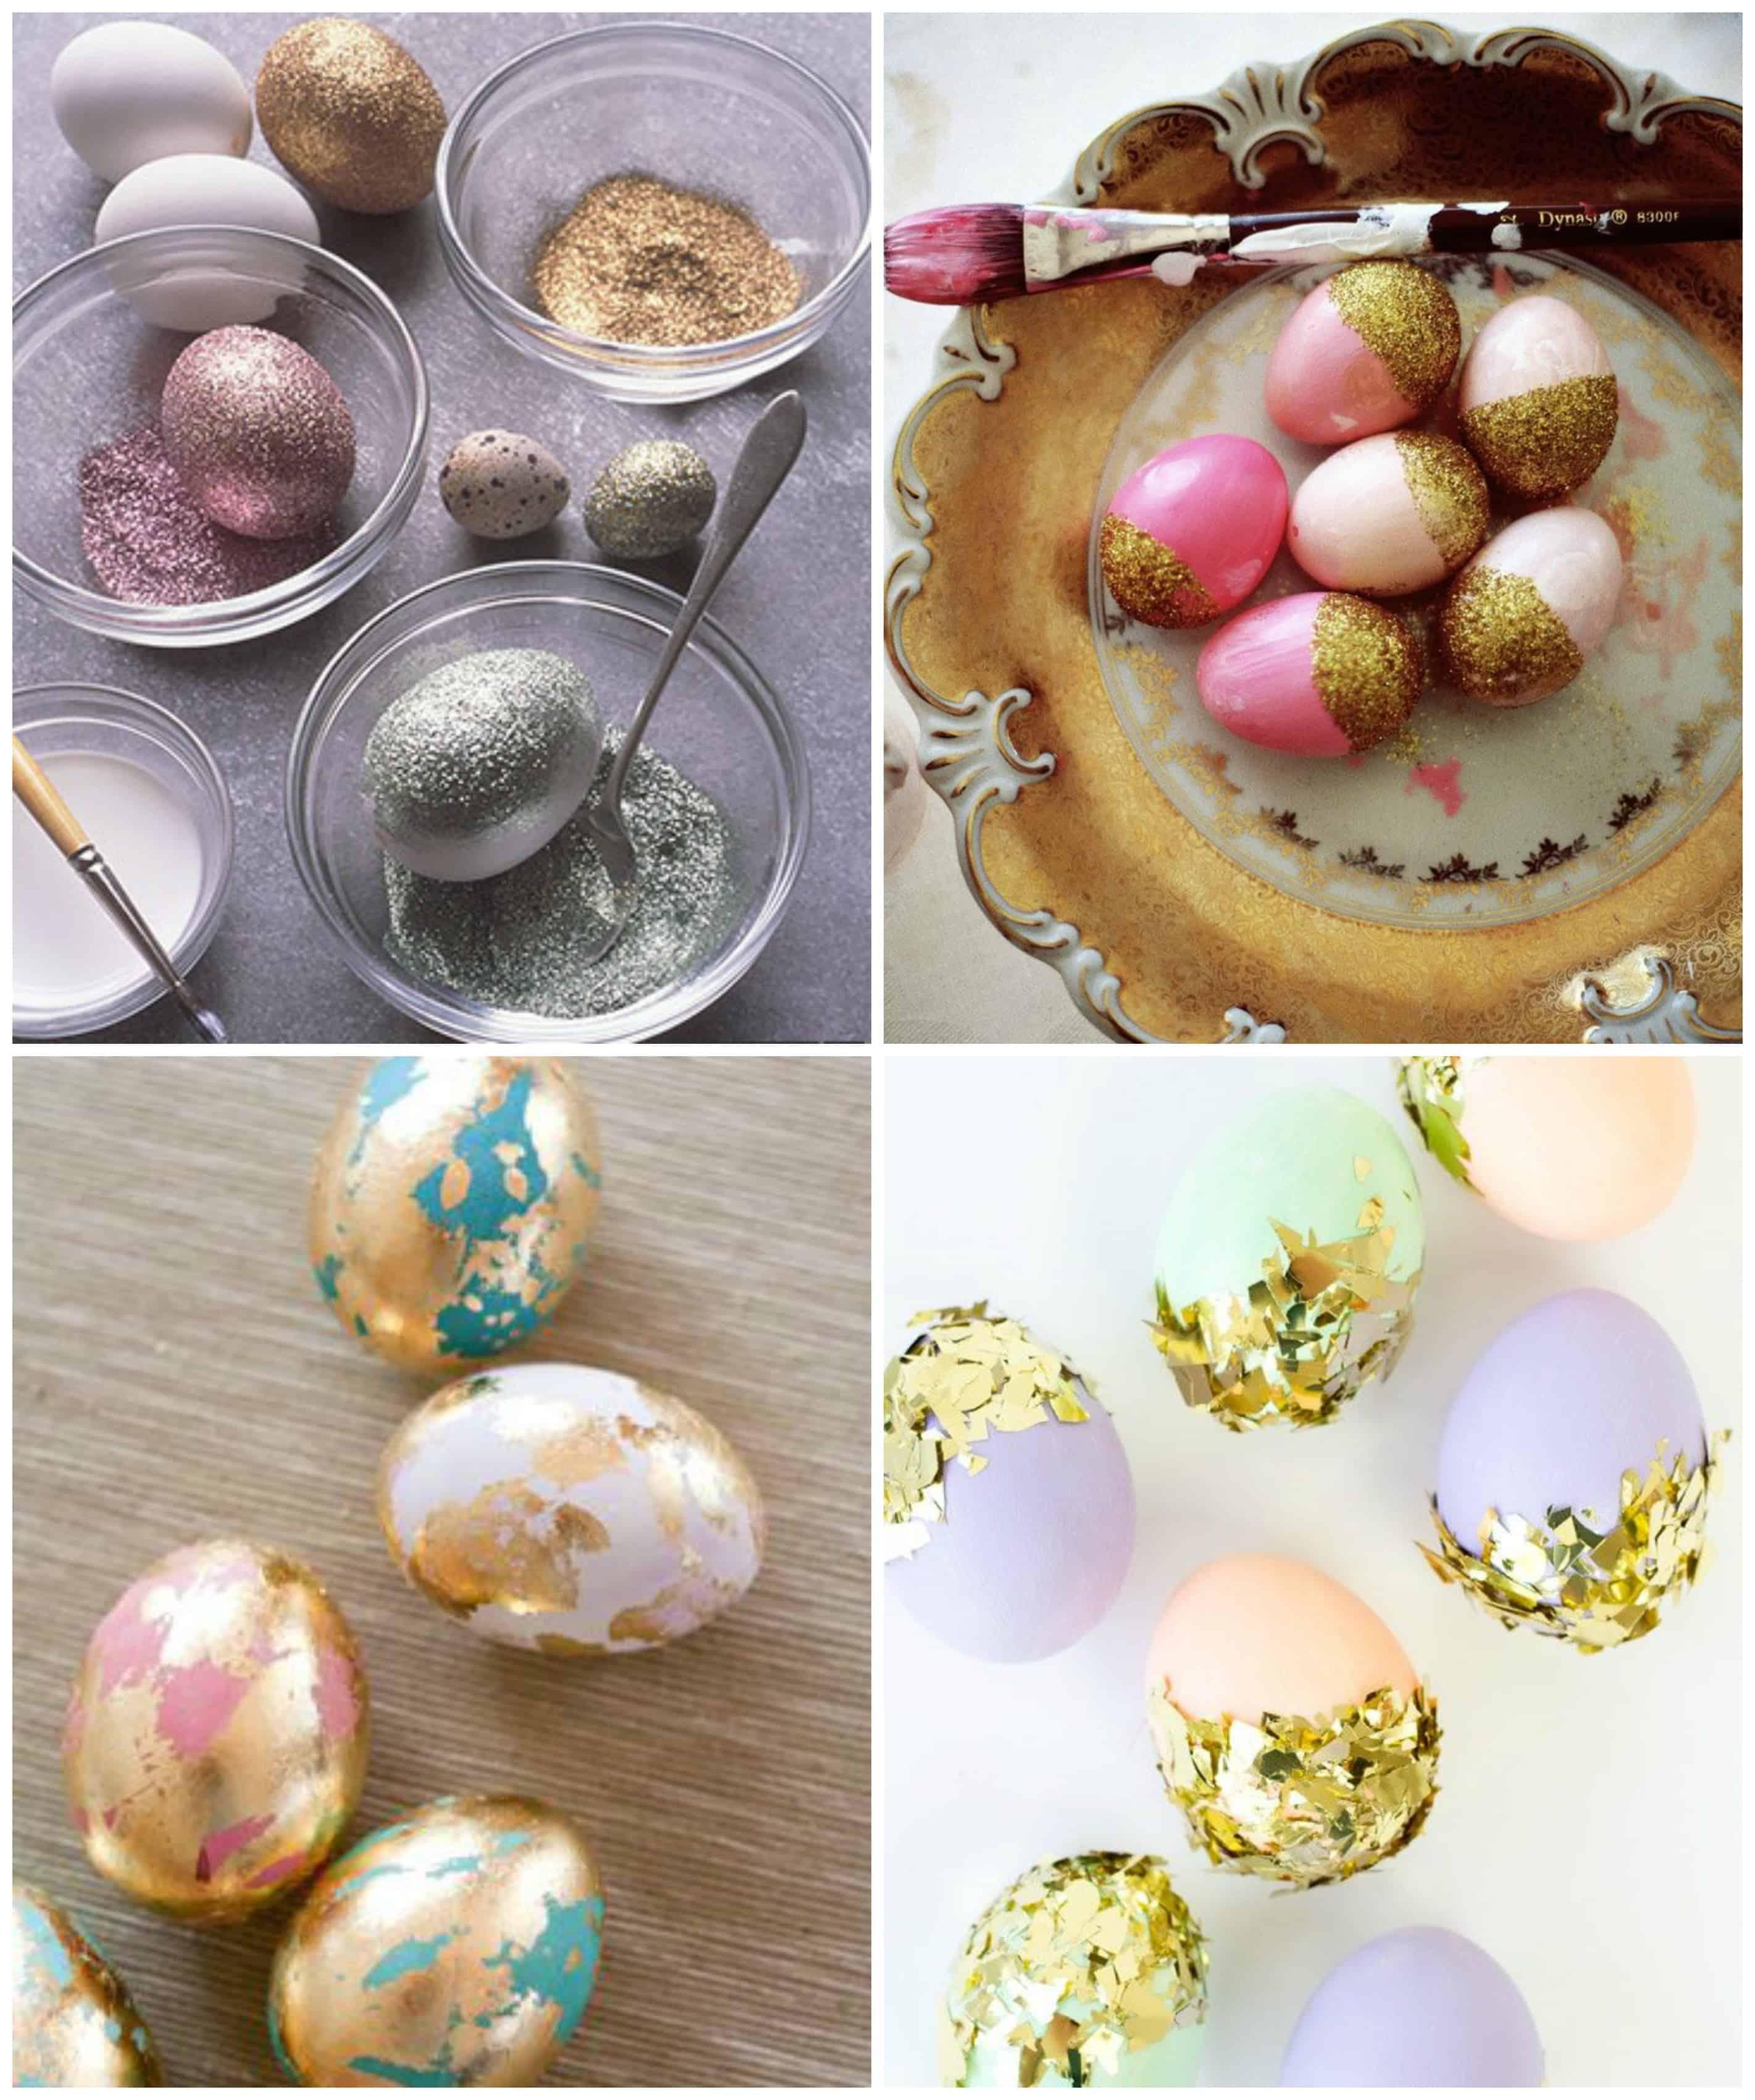 Glitter diy 10 modi per decorare le uova di pasqua tuttoferramenta it - Decorare le uova per pasqua ...